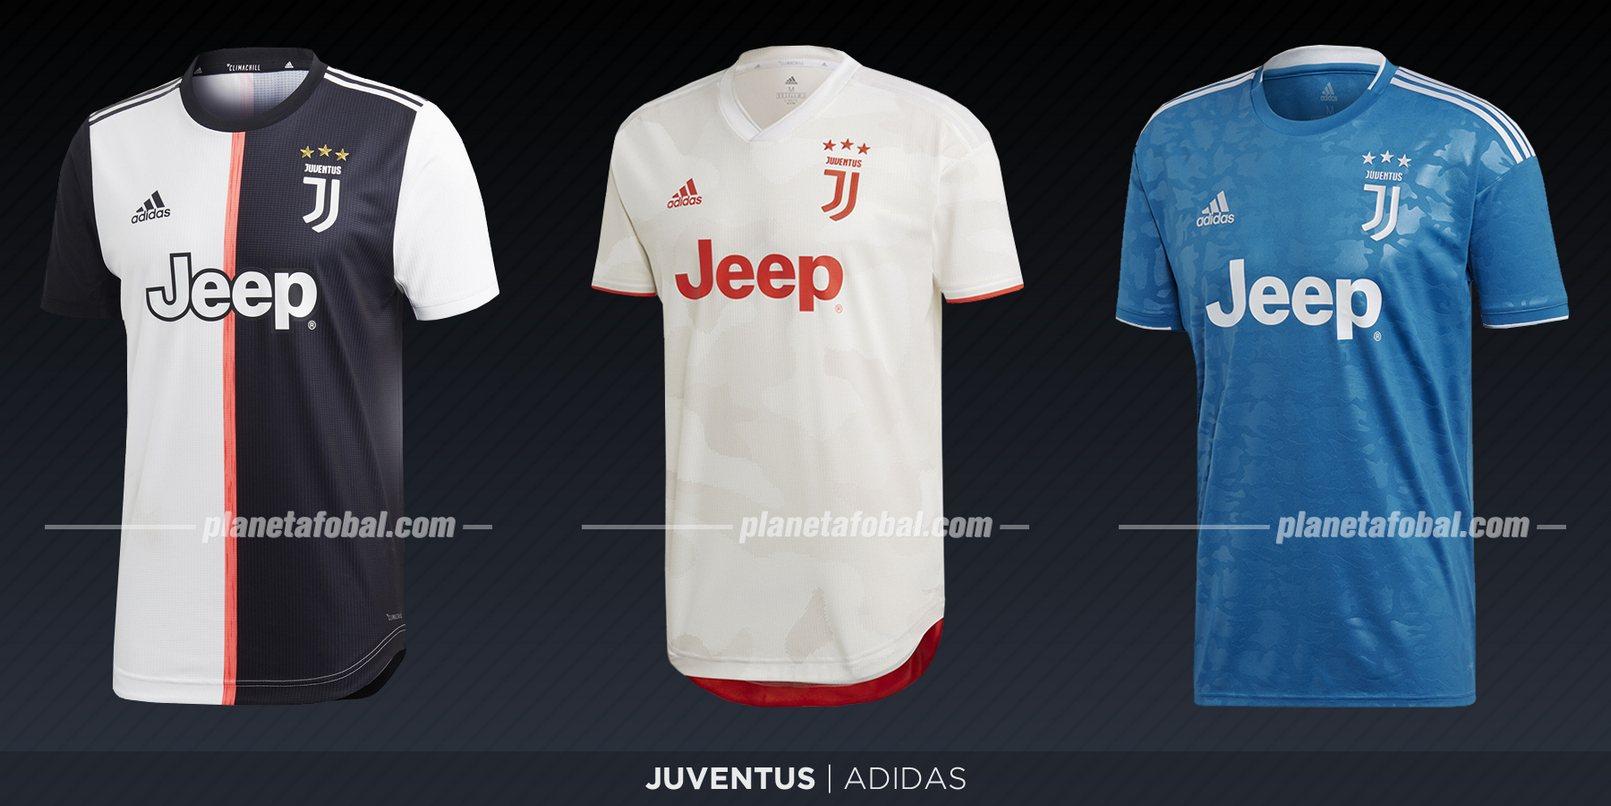 Juventus (Adidas) | Camisetas de la Serie A 2019-2020